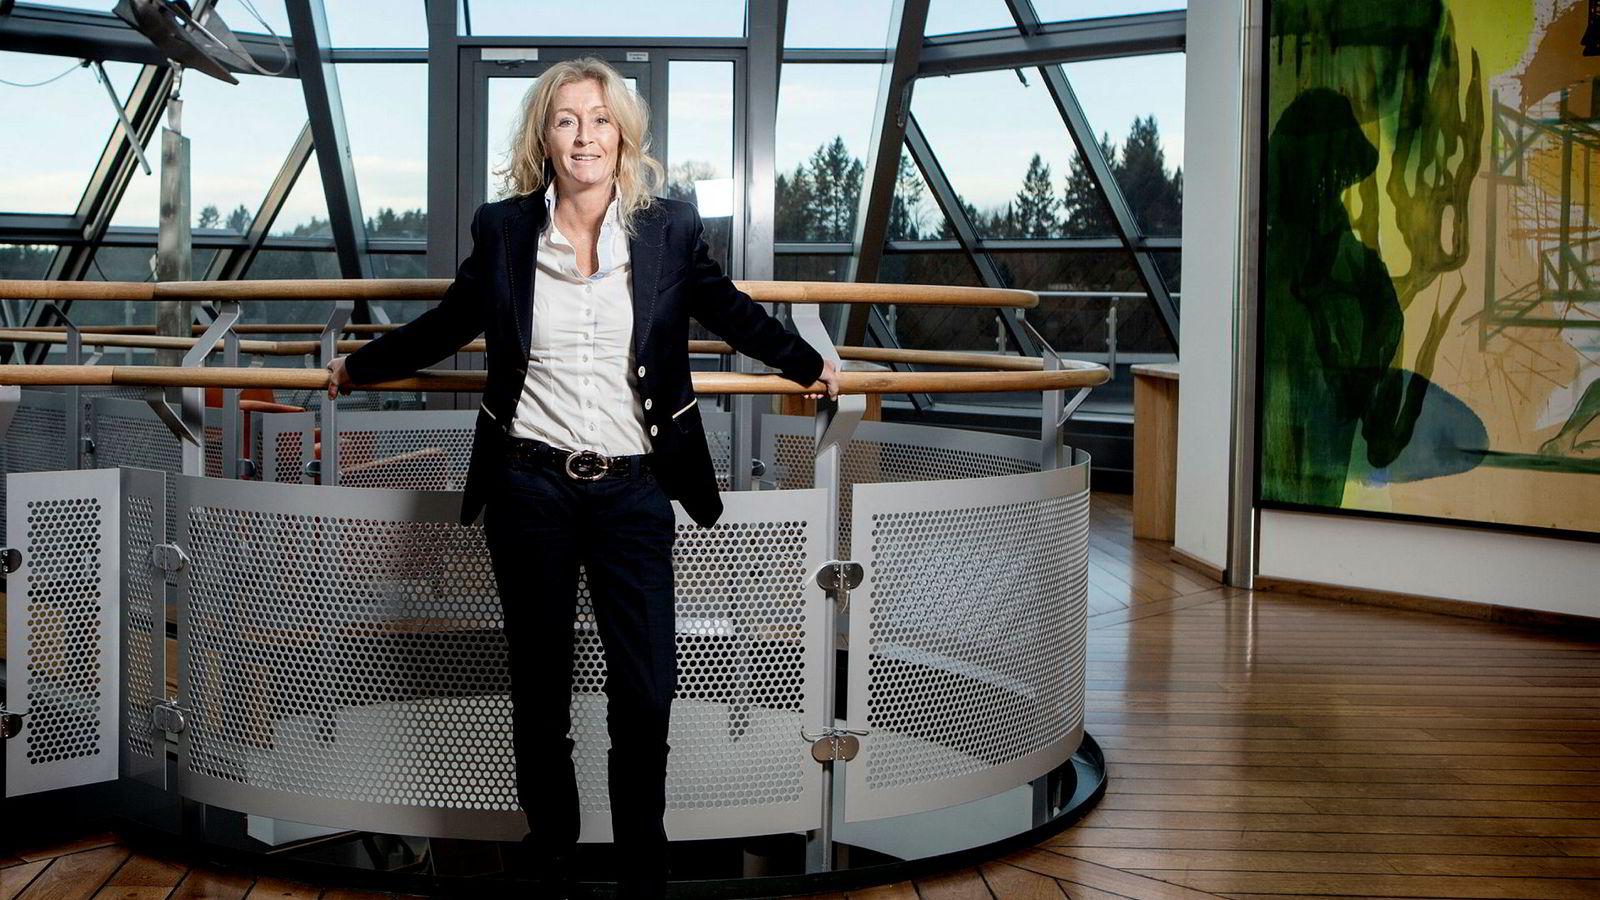 Administrerende direktør Grethe Wittenberg Meier i Privatmegleren tror ikke boligprisfallet er helt over. Men neste år vil det snu, mener hun.